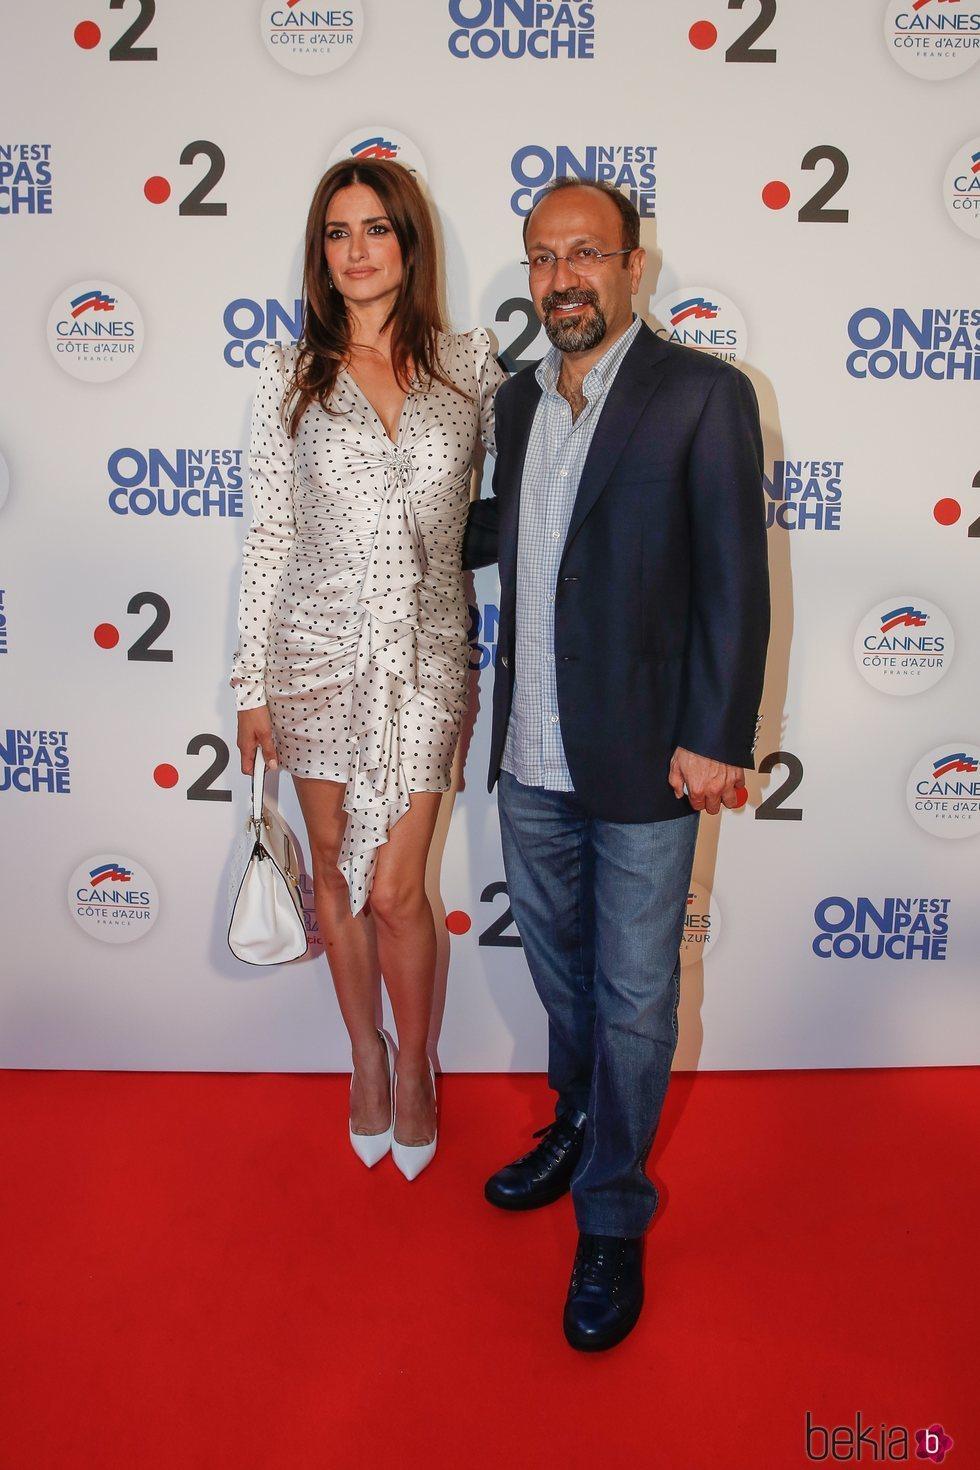 Penélope Cruz y Asghar Farhadi en el photocall de 'We Are Not Lying' en el Festival de Cannes de 2018